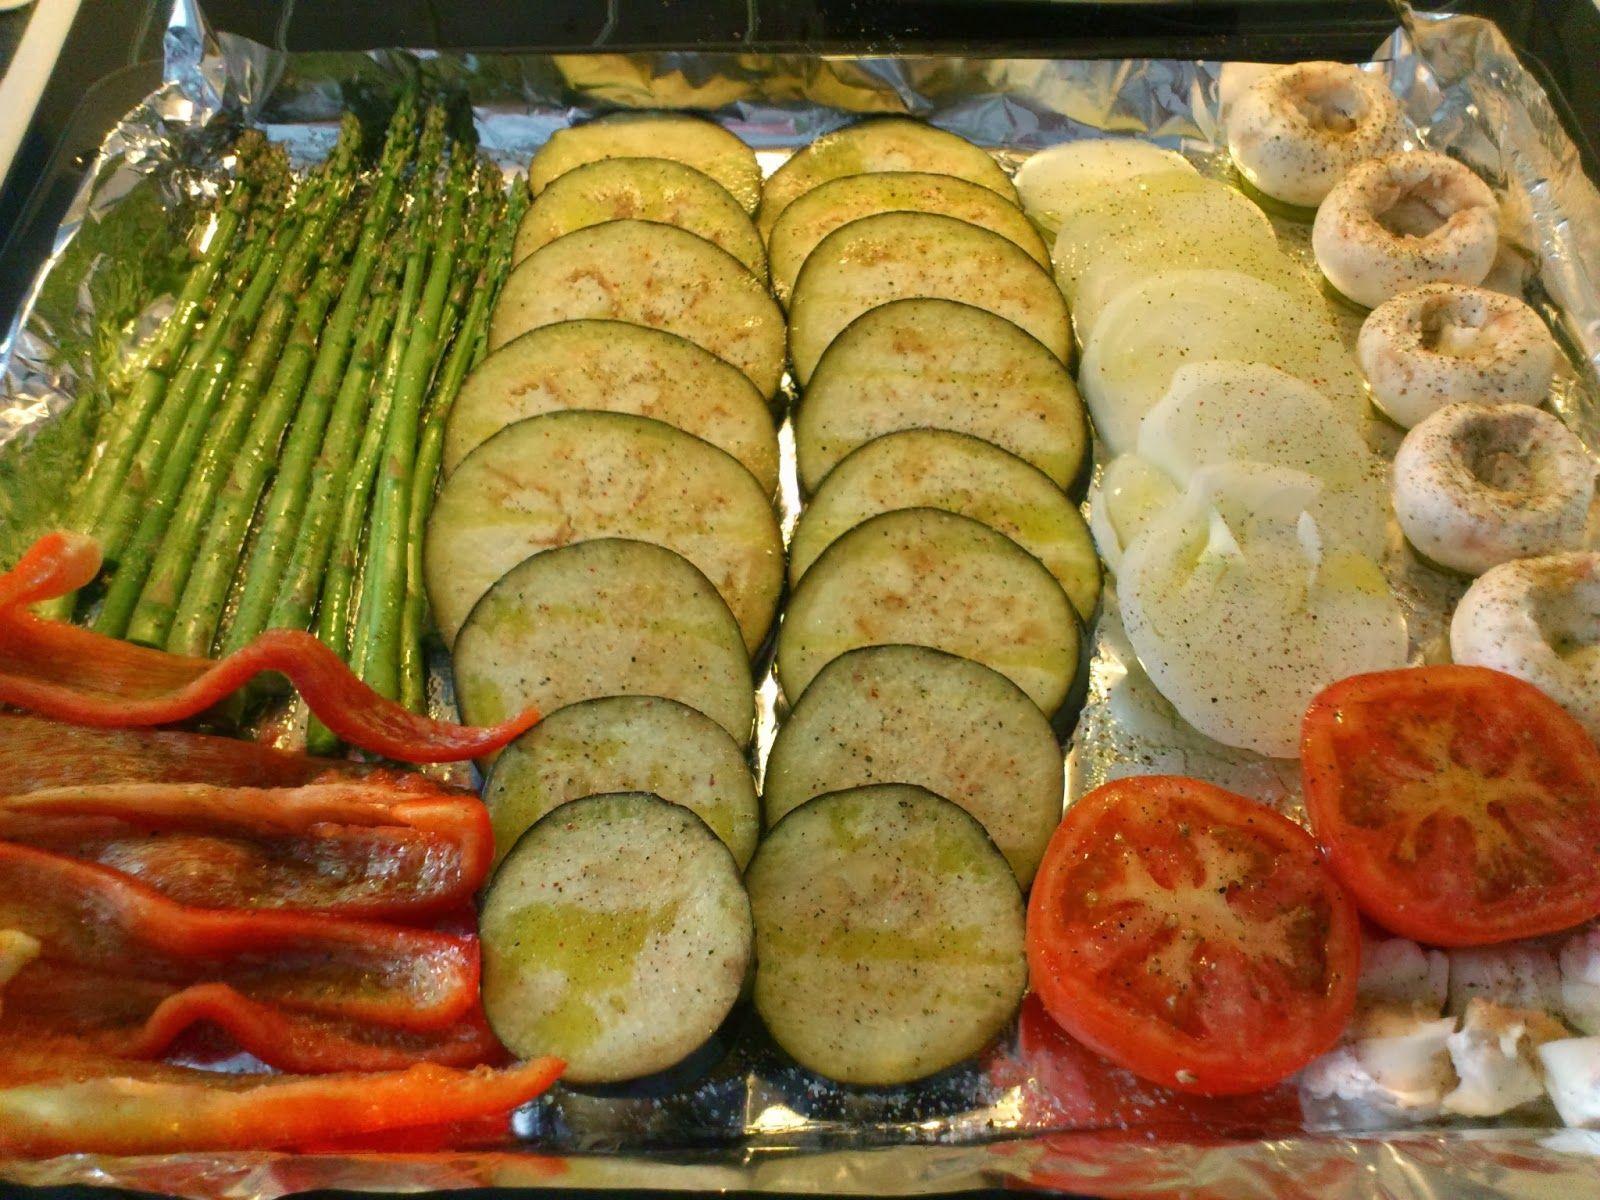 La tentaci n vive arriba parrillada de verduras al horno - Cocinar verduras al horno ...